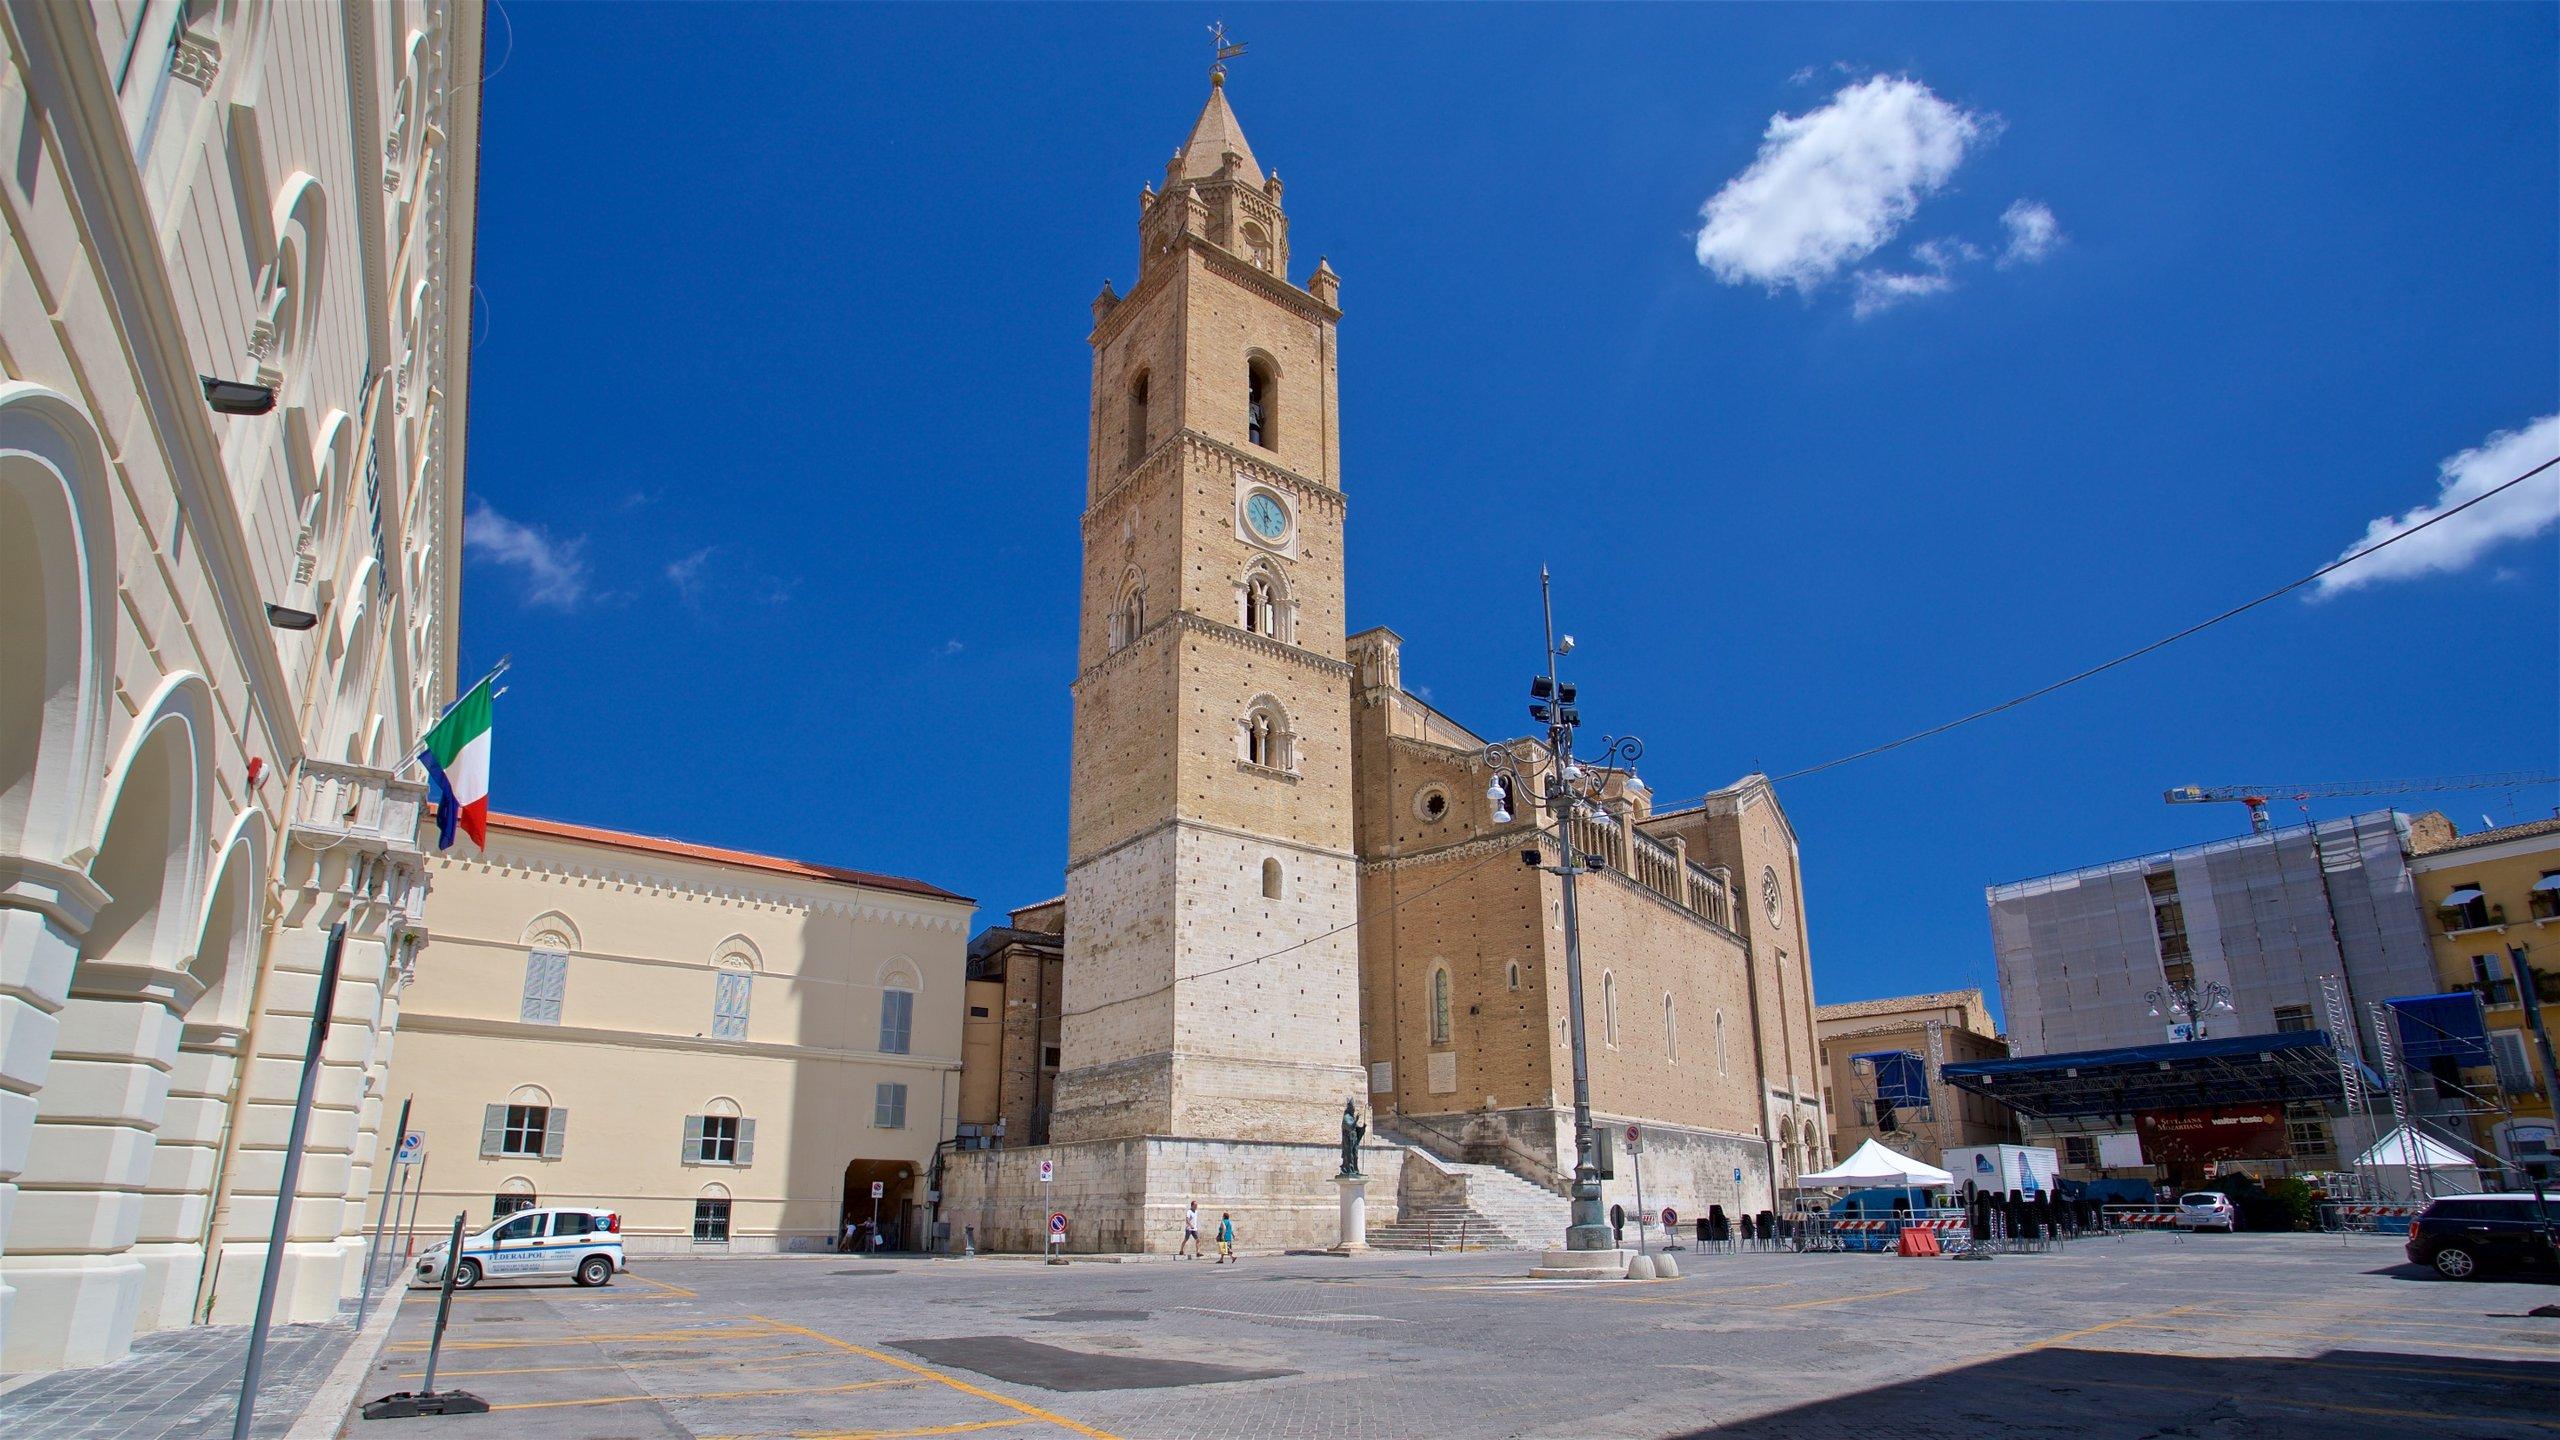 Chieti (provins), Abruzzo, Italien